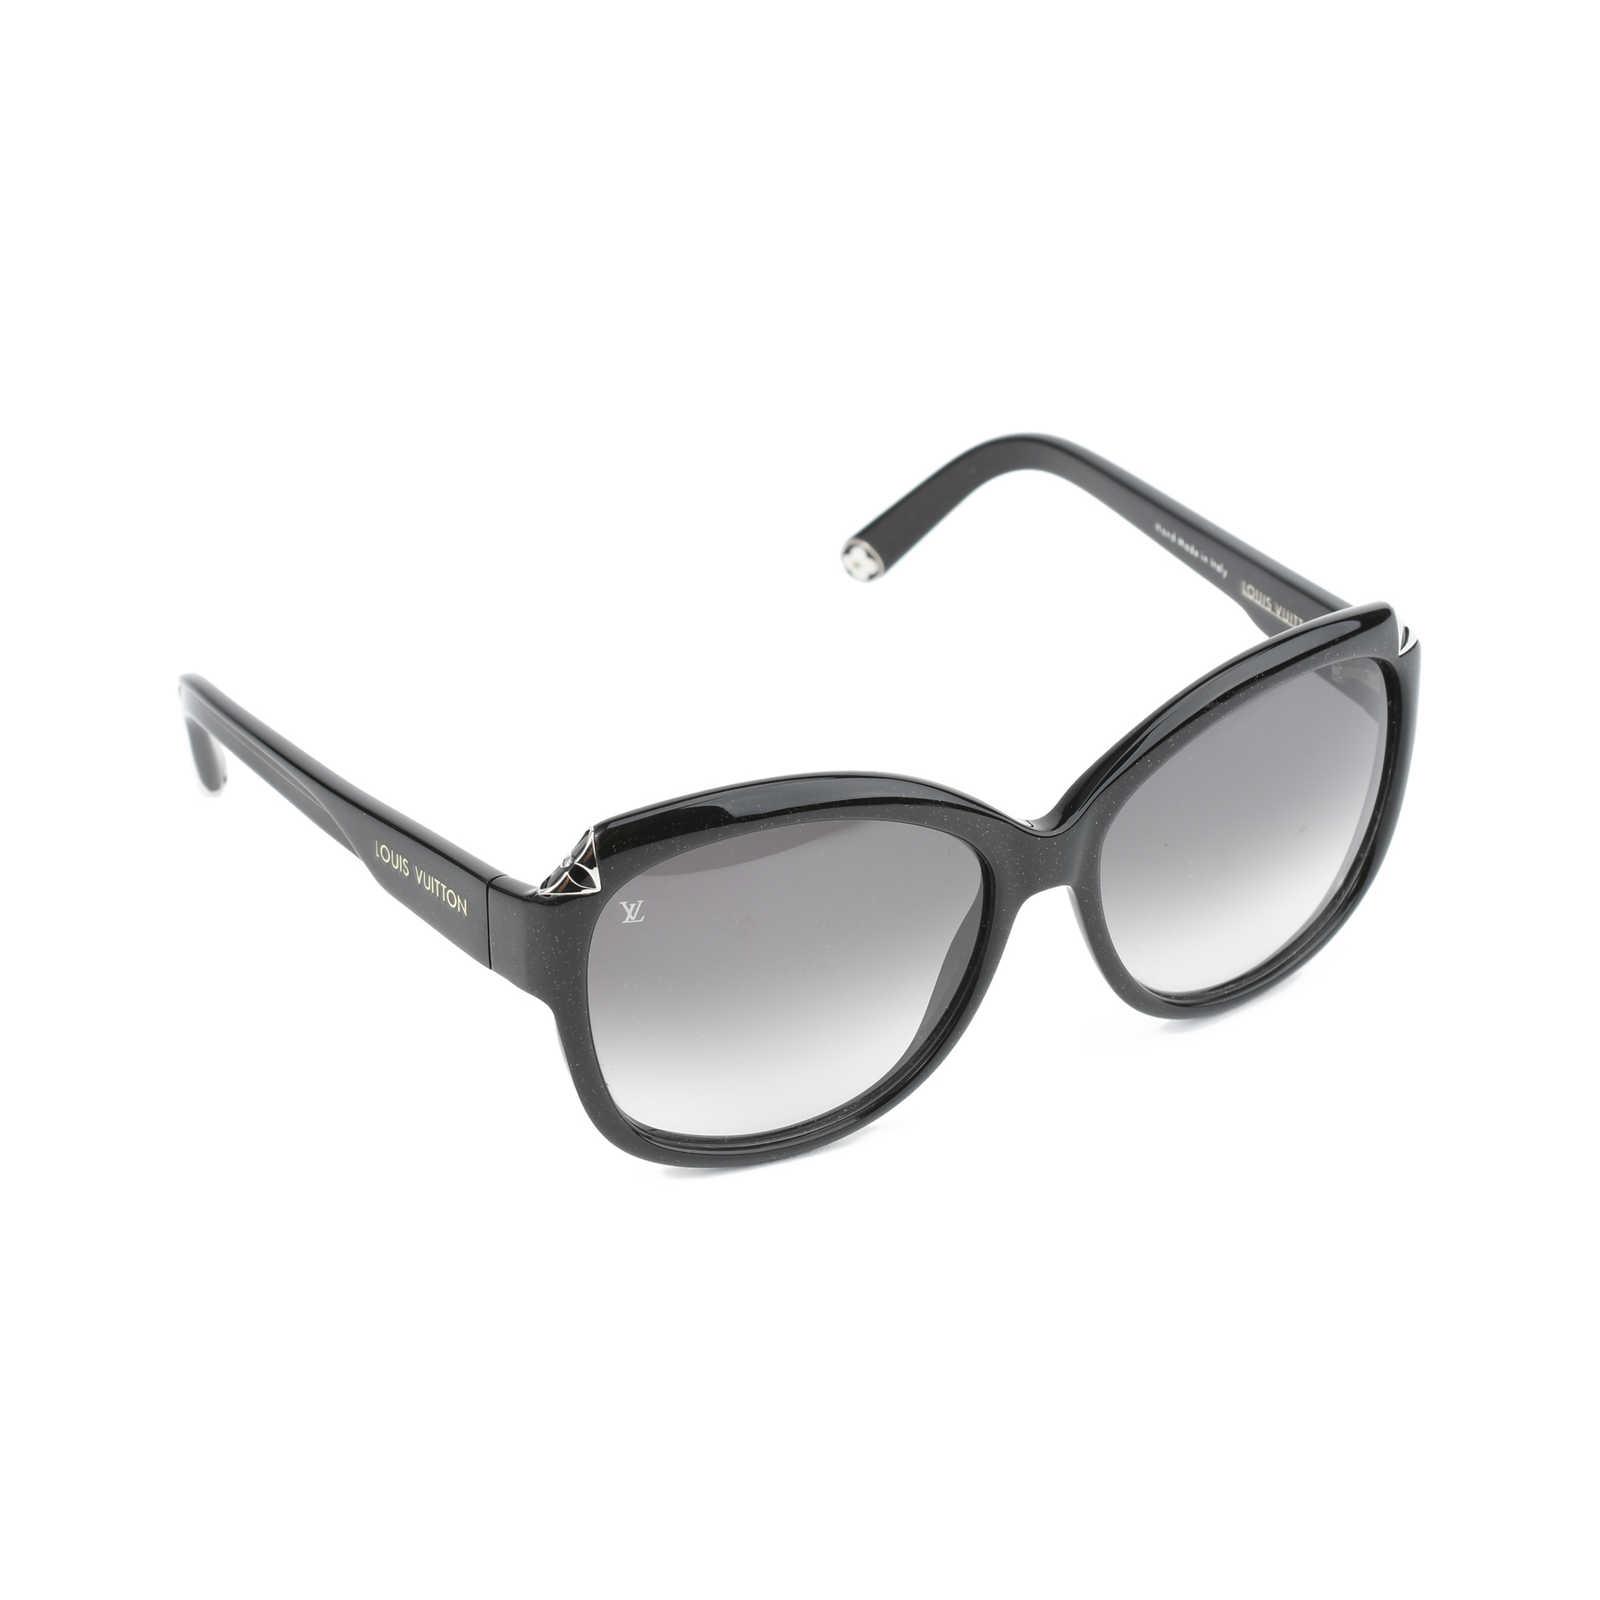 ed963d23de3b ... Authentic Second Hand Louis Vuitton Hortensia Sunglasses  (PSS-413-00008) - Thumbnail ...